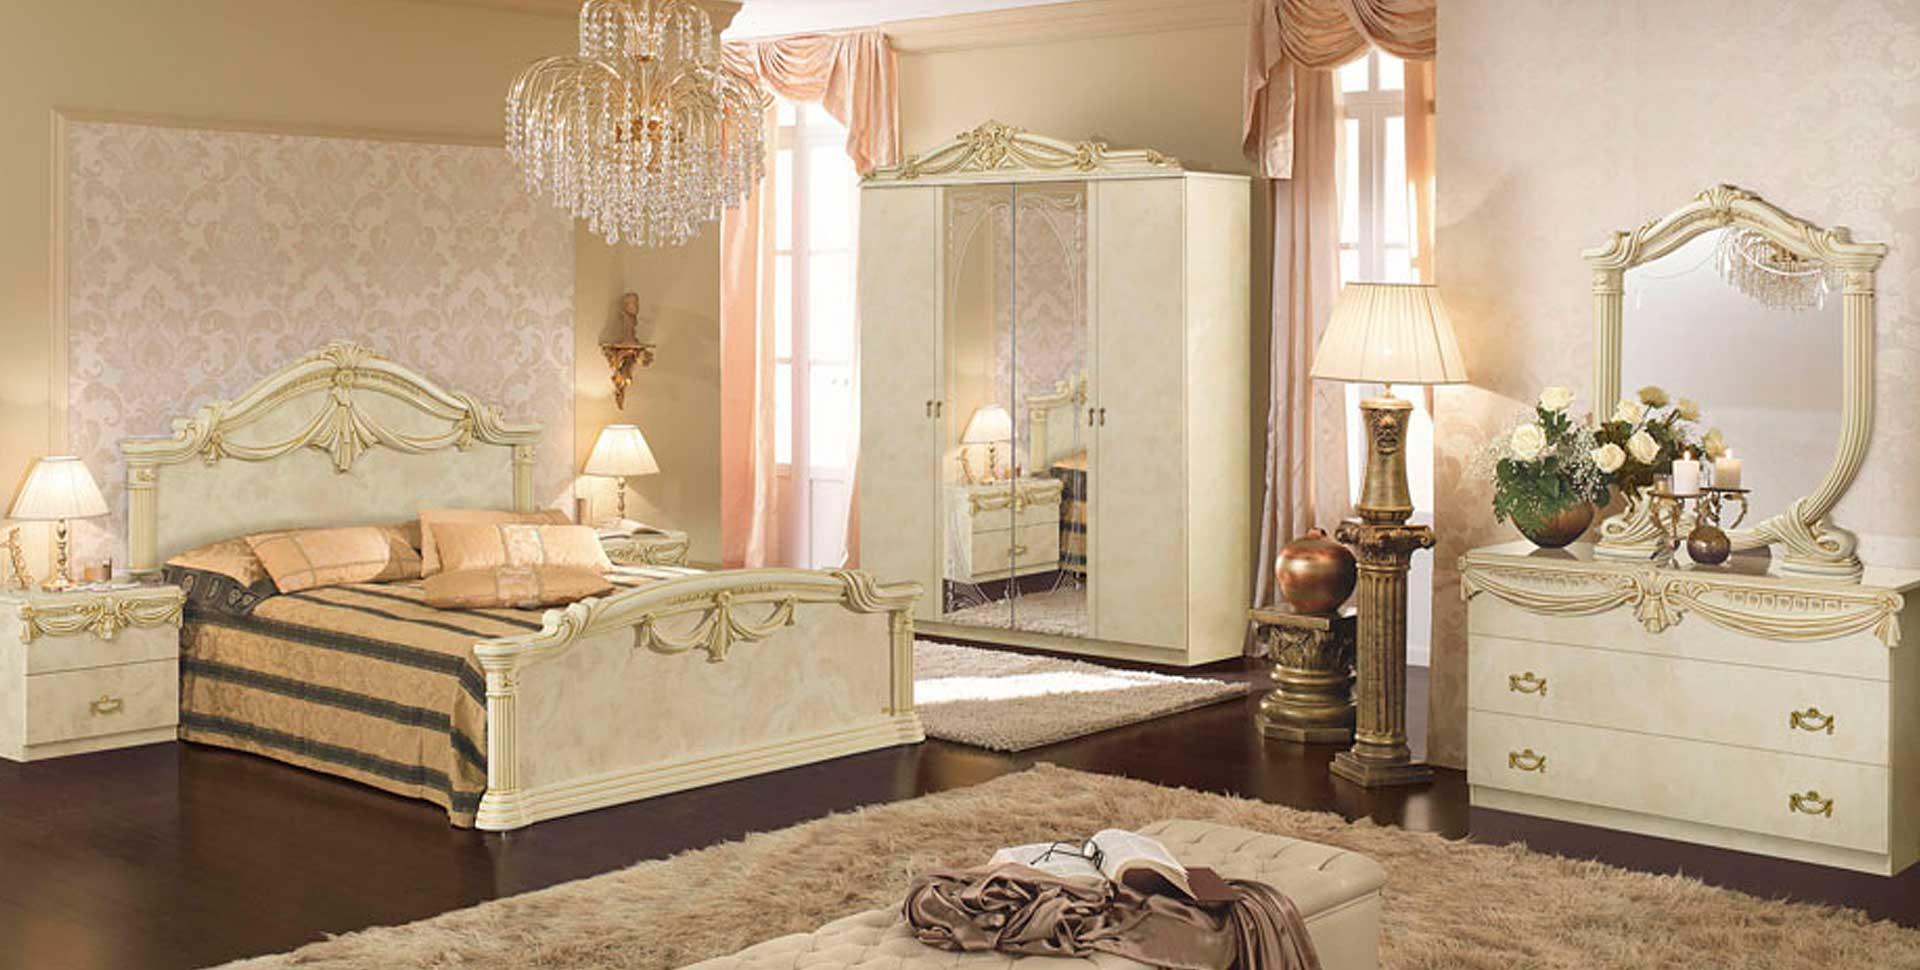 спальня luxor ivory gold